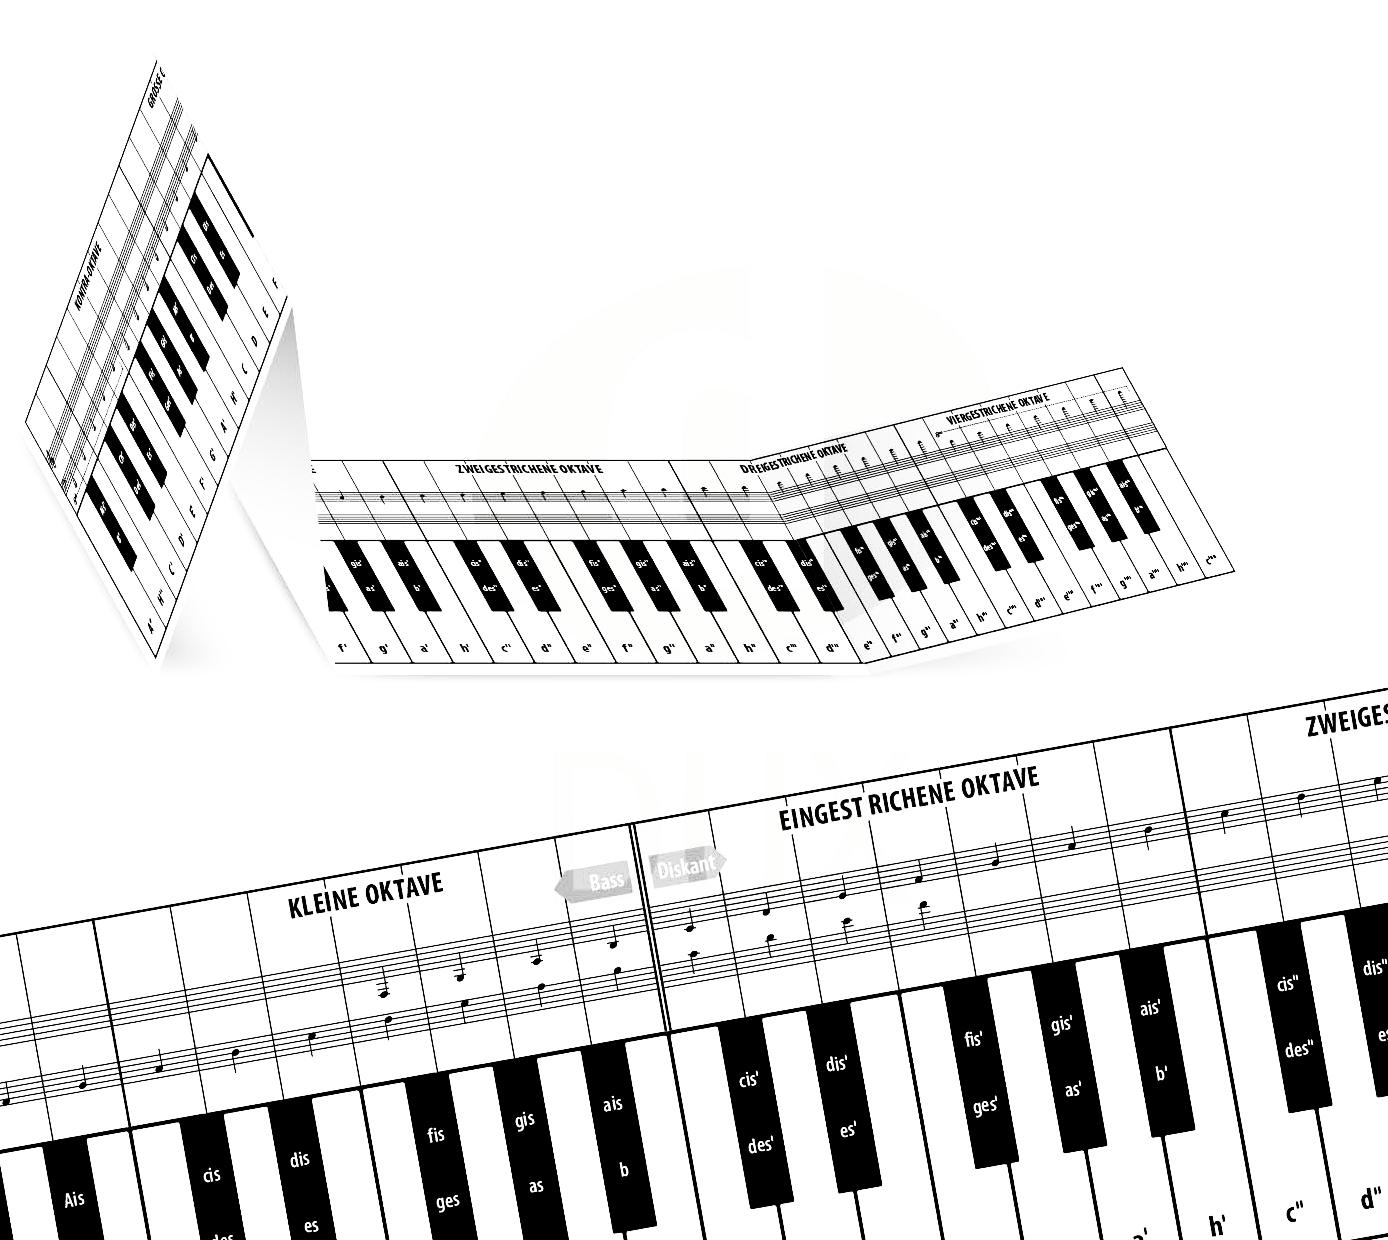 Klaviatur - Spielhilfe zum Aufstellen